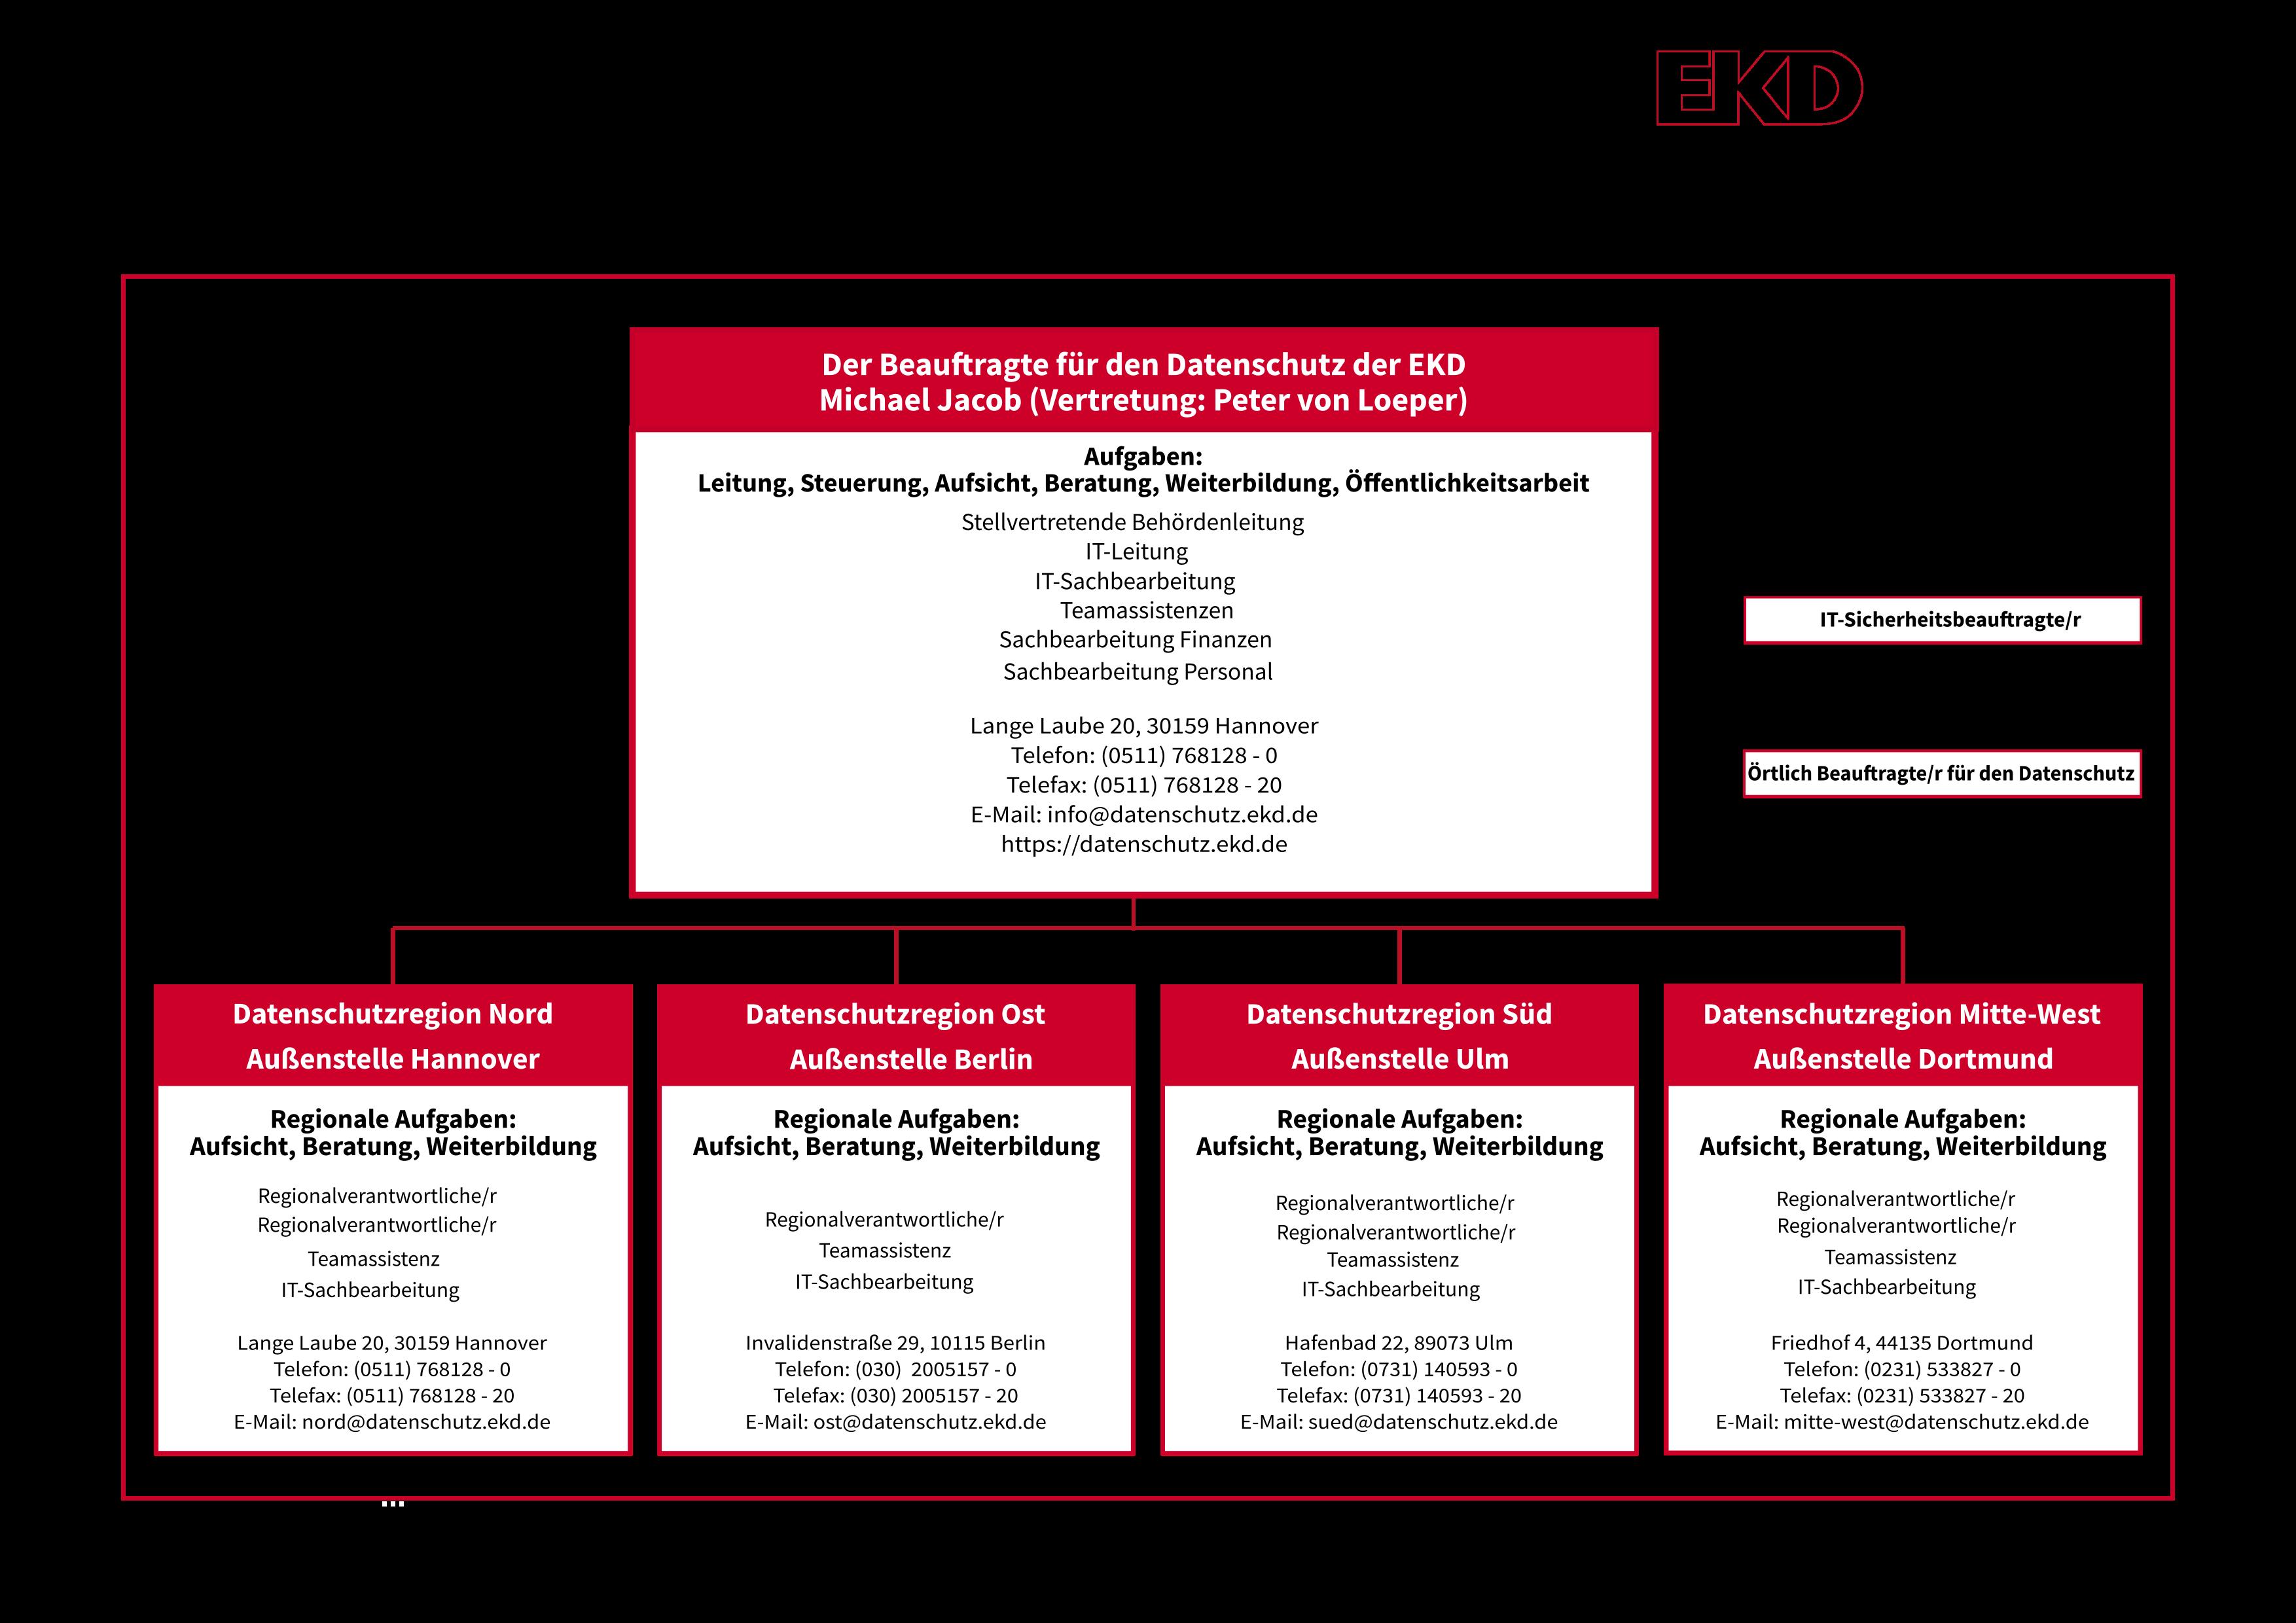 Organigramm der Dienststelle des BfD EKD